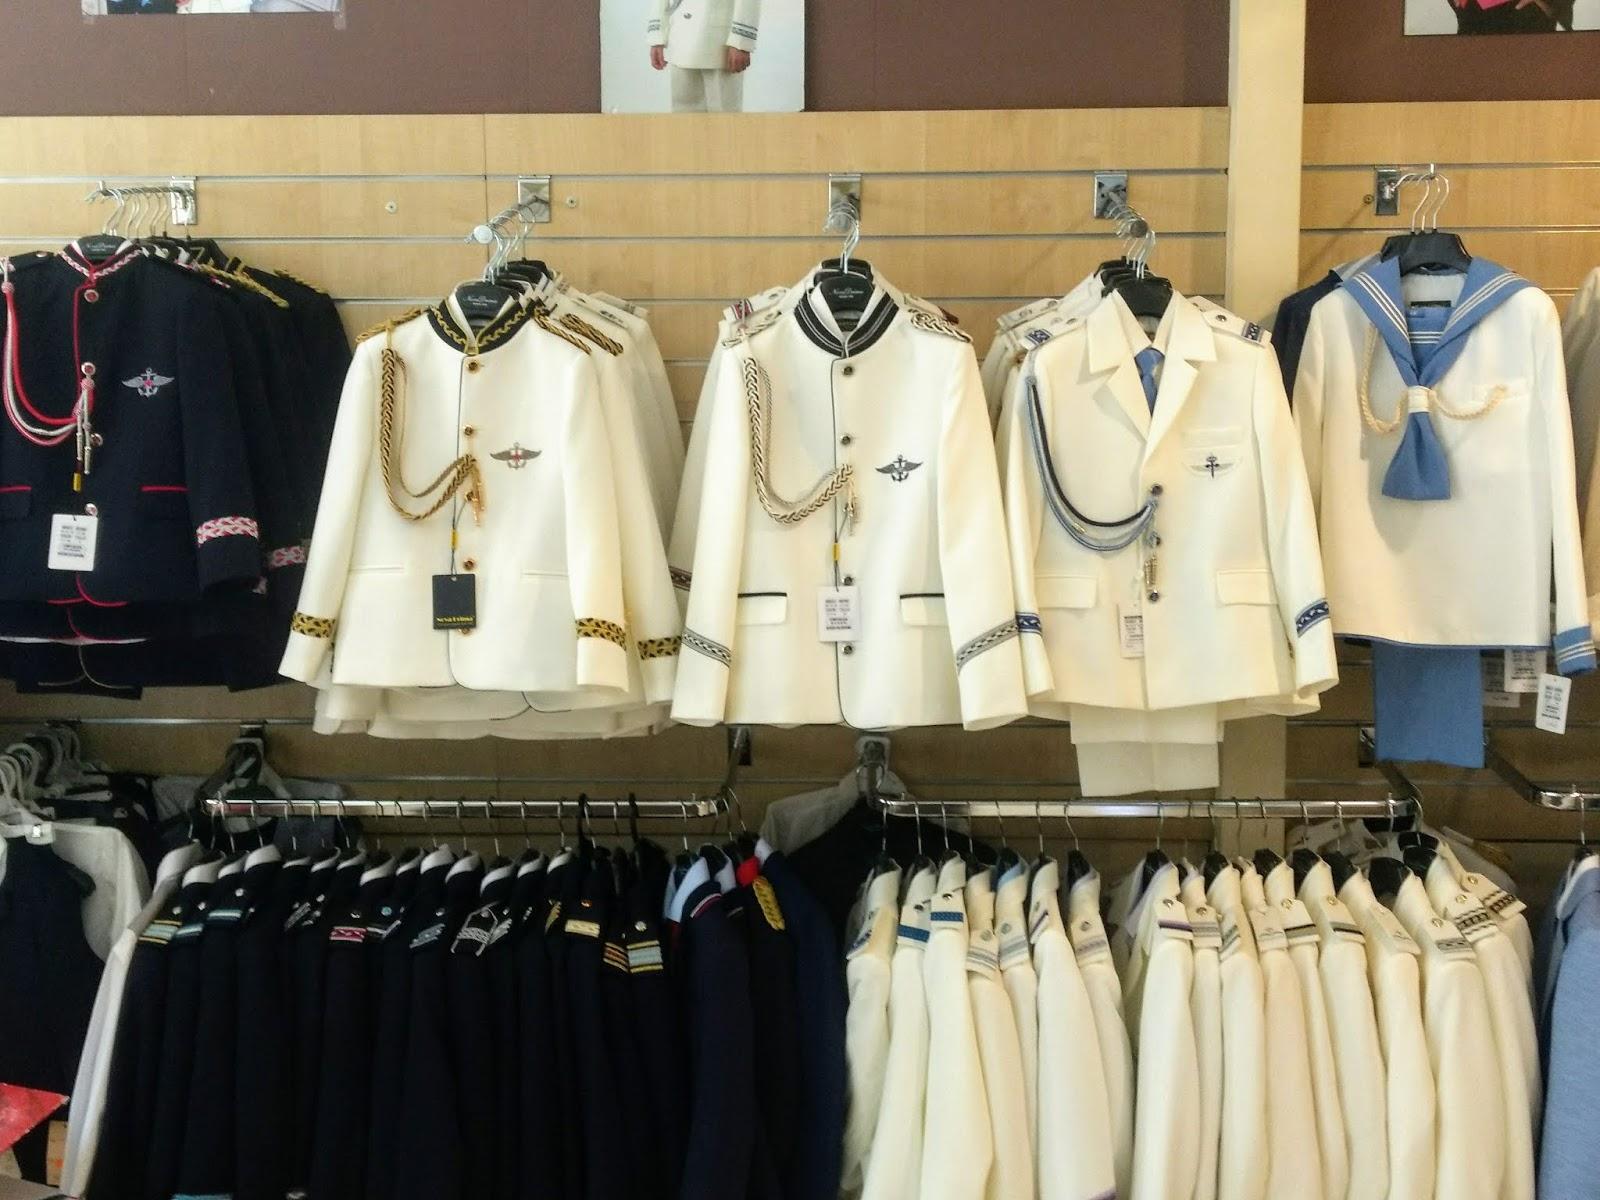 3a4df1d3a ... la talla 0 hasta la talla 18 en moda juvenil. Contamos con marcas  preferentes en moda infantil y juvenil. También tenemos lo último en trajes  y vestidos ...